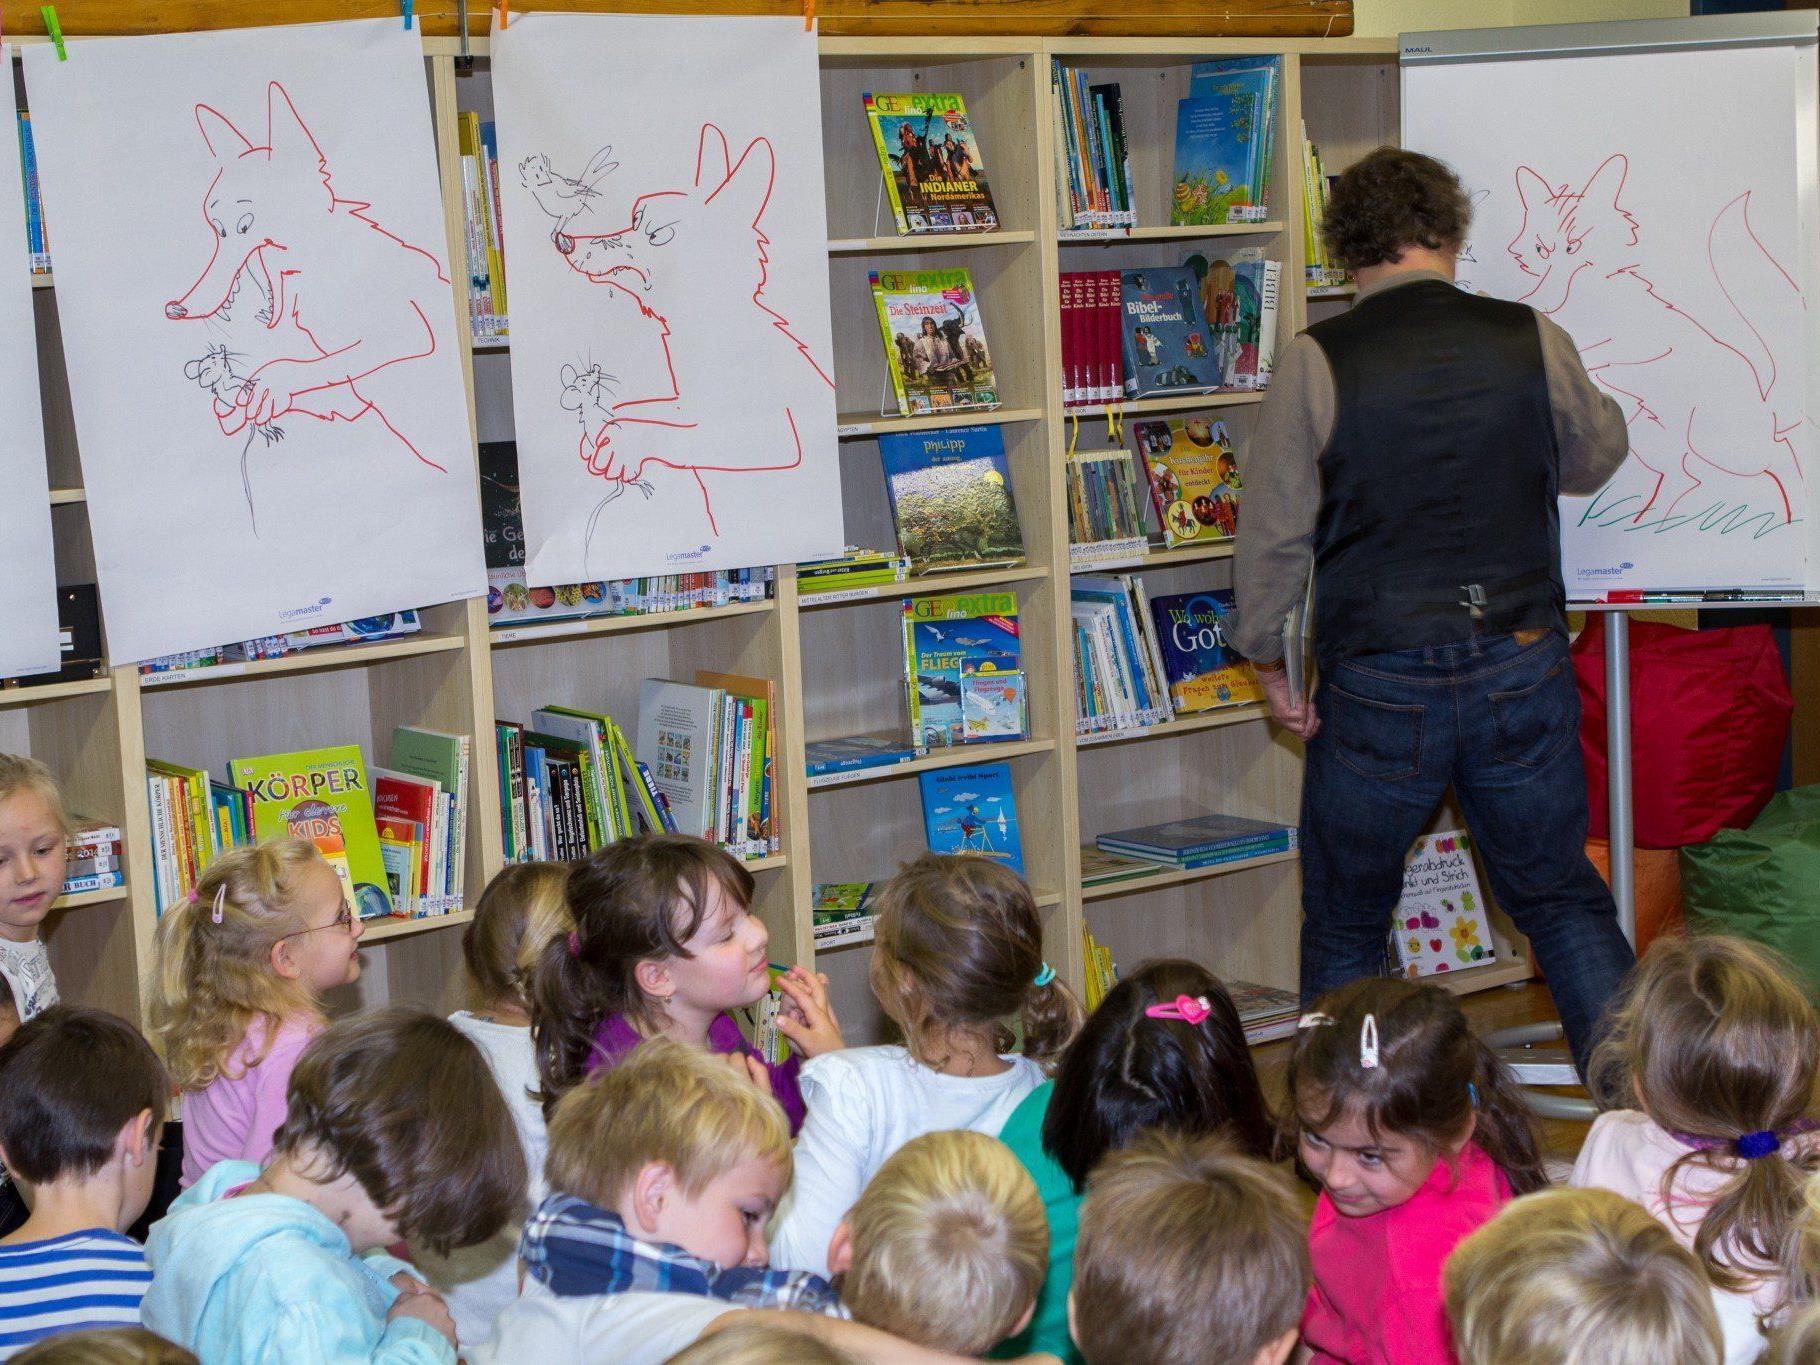 Tolle Bilder, live gezeichnet während einer Lesung aus einem seiner Bücher, bot Reinhard Michl den gespannten Volksschülern.